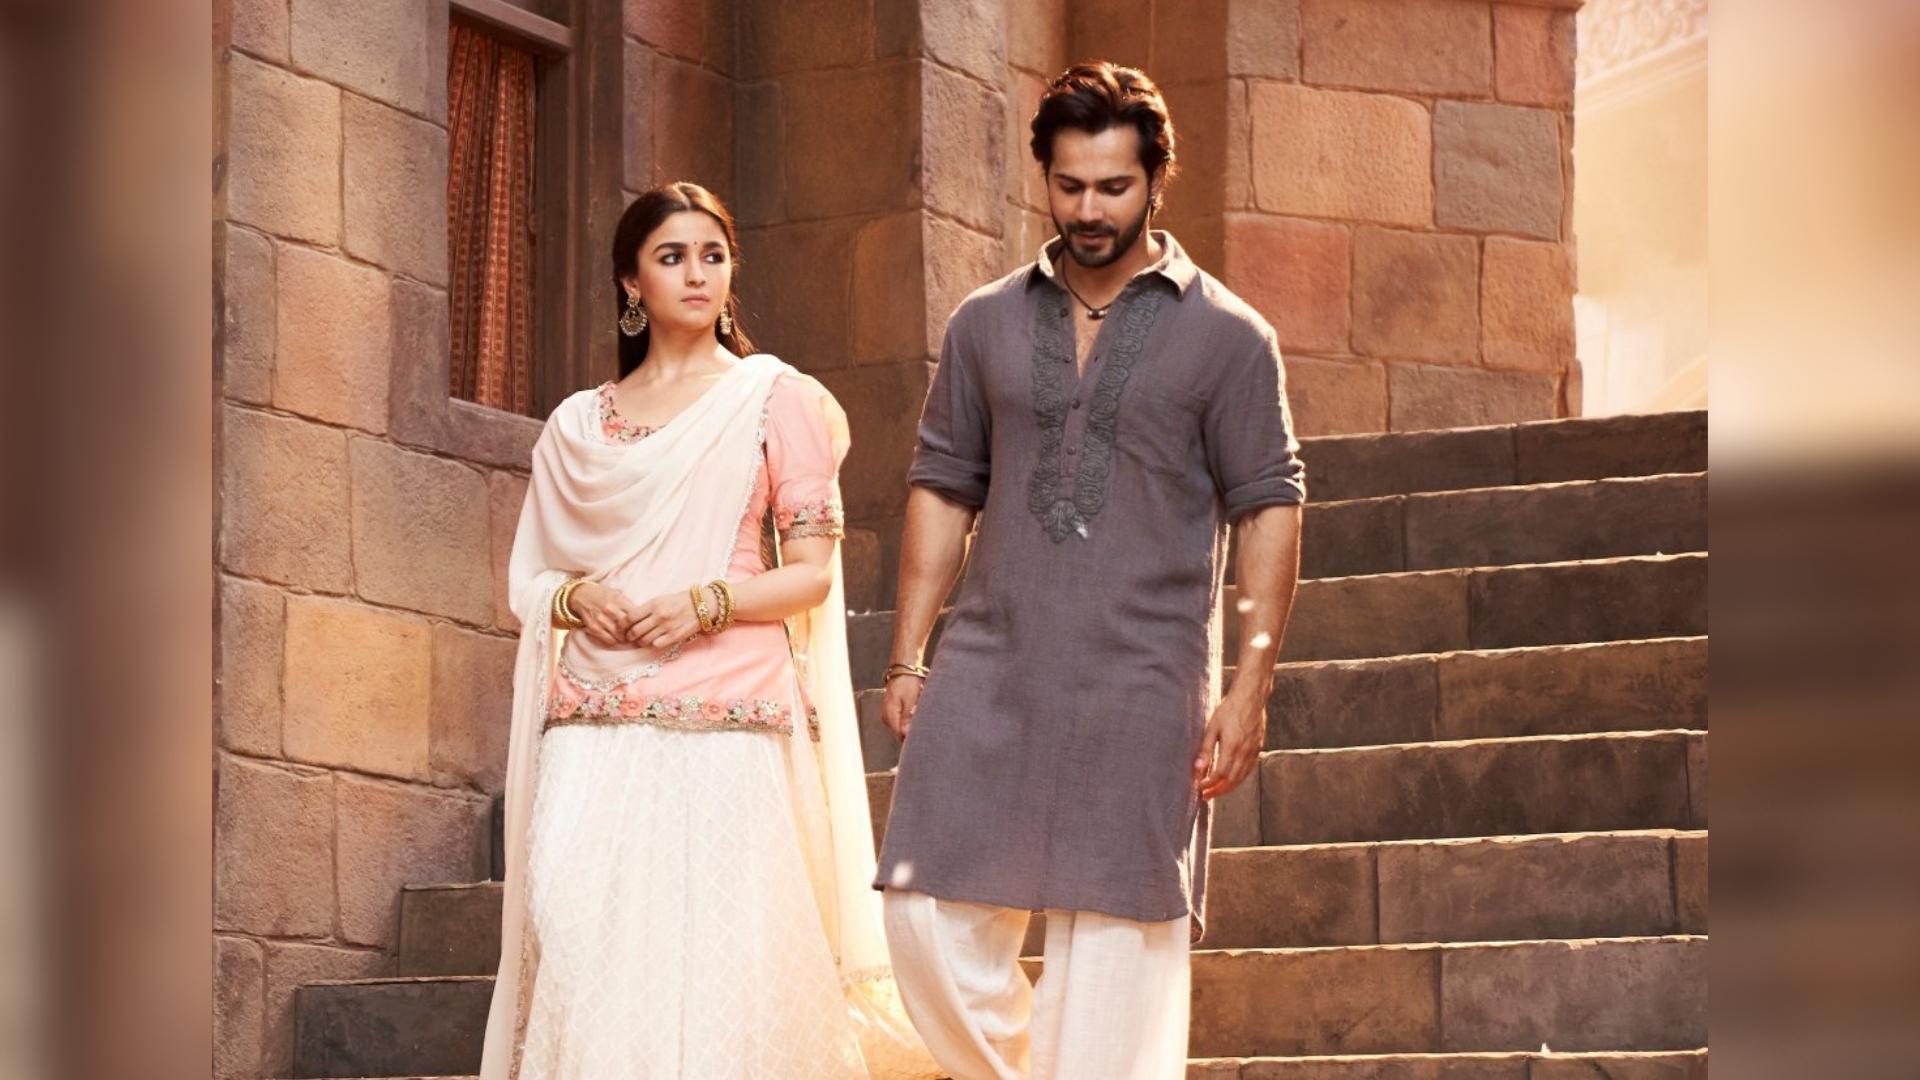 No Need to Analyse It: Alia Bhatt on 'Kalank' Box Office Failure